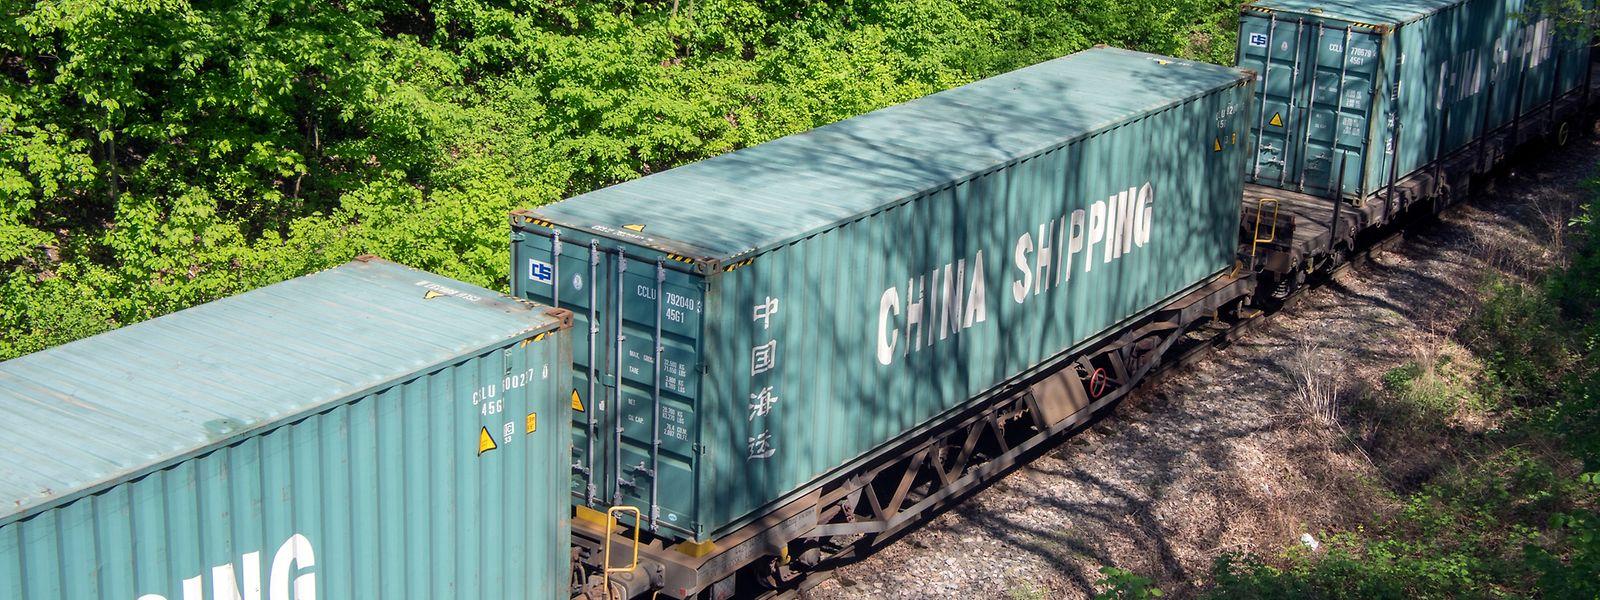 Normalerweise sind solche Containerzüge rund zwei Wochen von China nach Europa unterwegs.